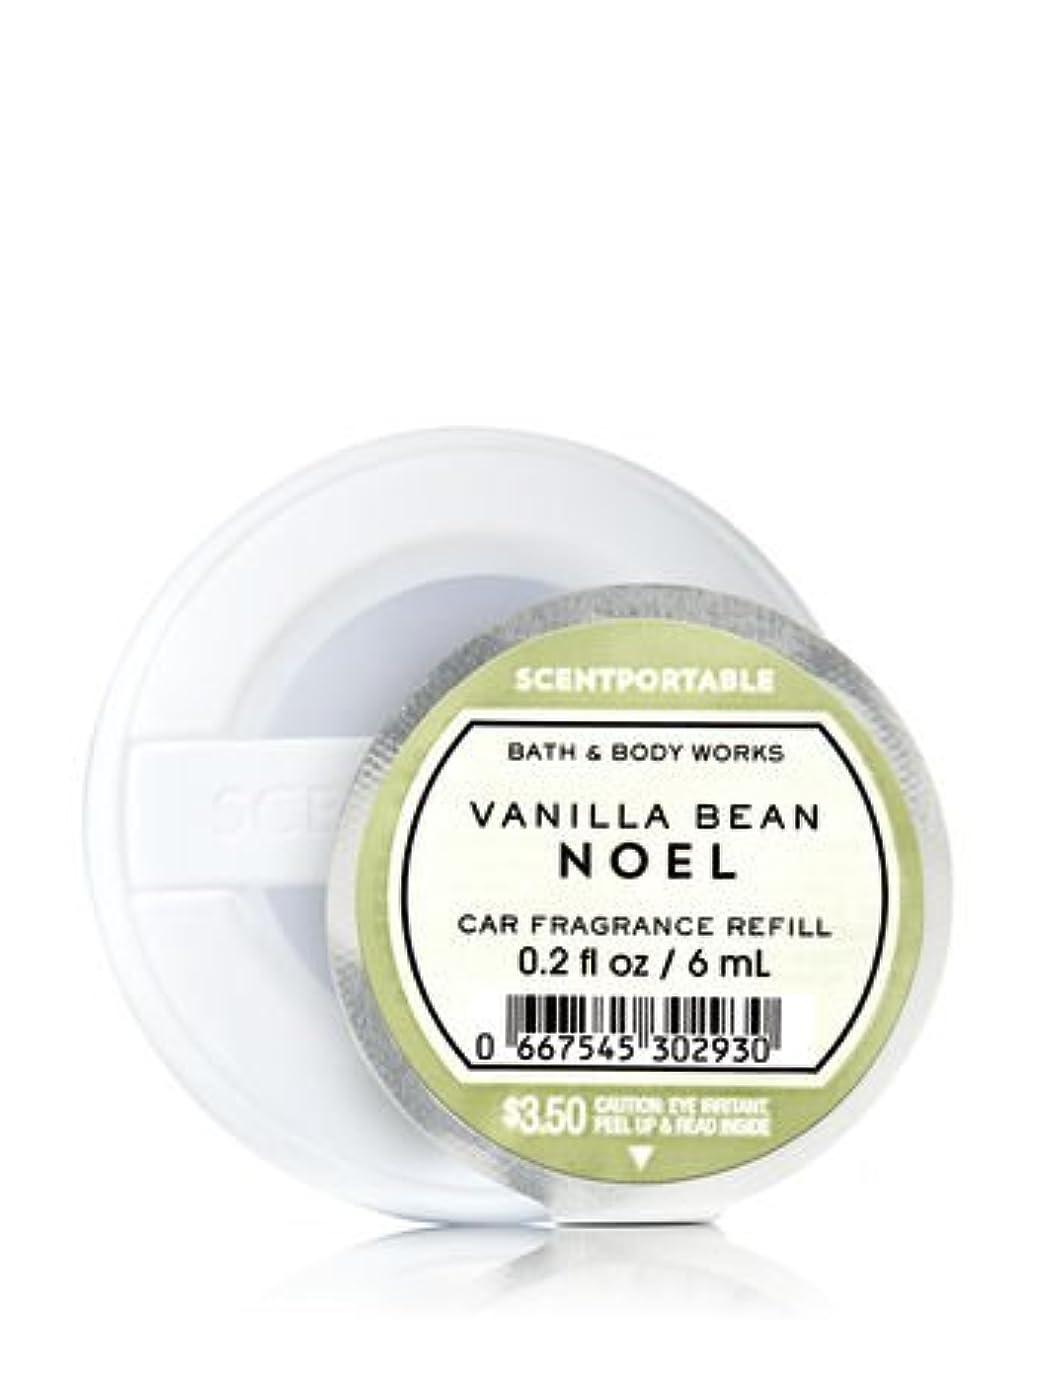 航空便中傷抑制する【Bath&Body Works/バス&ボディワークス】 クリップ式芳香剤 セントポータブル詰替えリフィル バニラビーンノエル Scentportable Fragrance Refill Vanilla Bean Noel [並行輸入品]